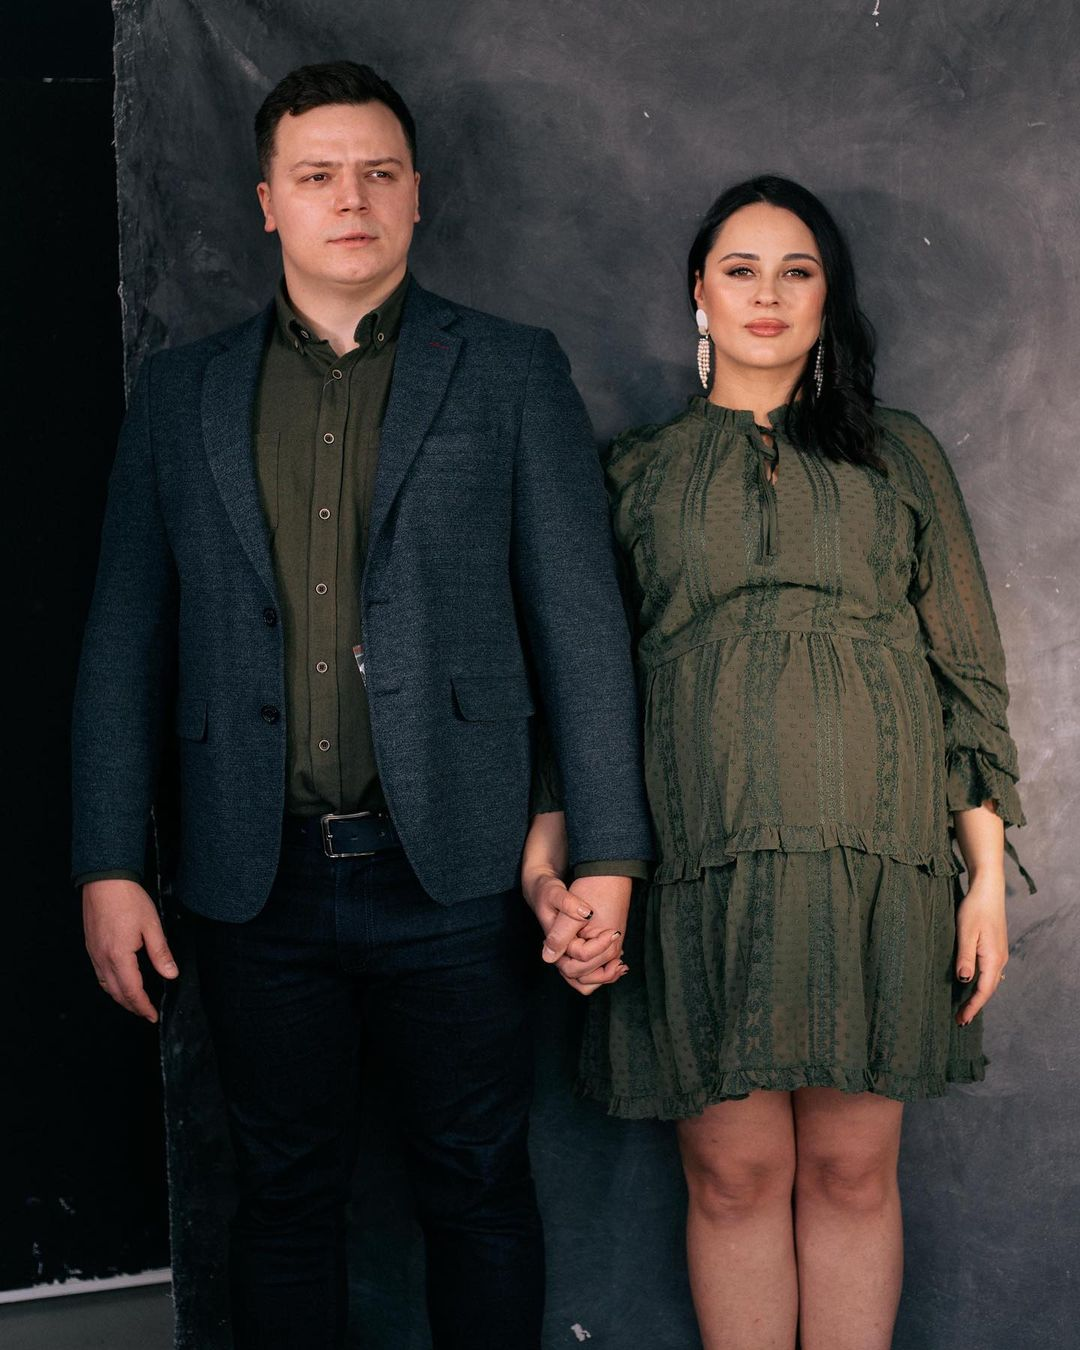 Українець, дружина якого померла після пологів, написав листа Ілону Маску: що він його попросив